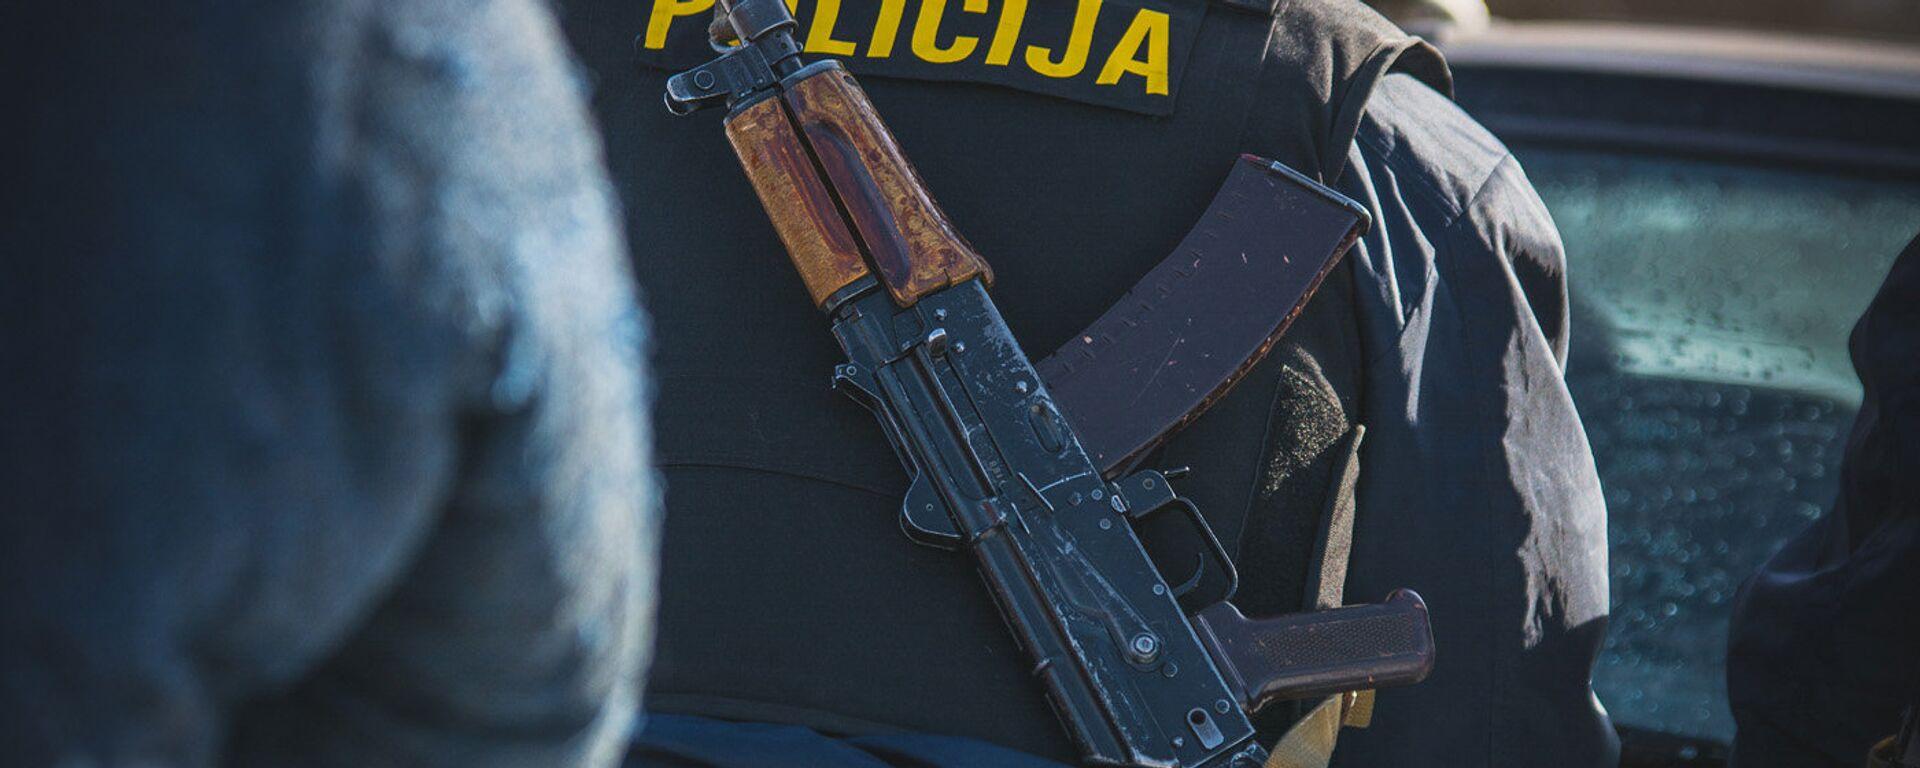 Государственная полиция Латвии - Sputnik Латвия, 1920, 20.05.2021